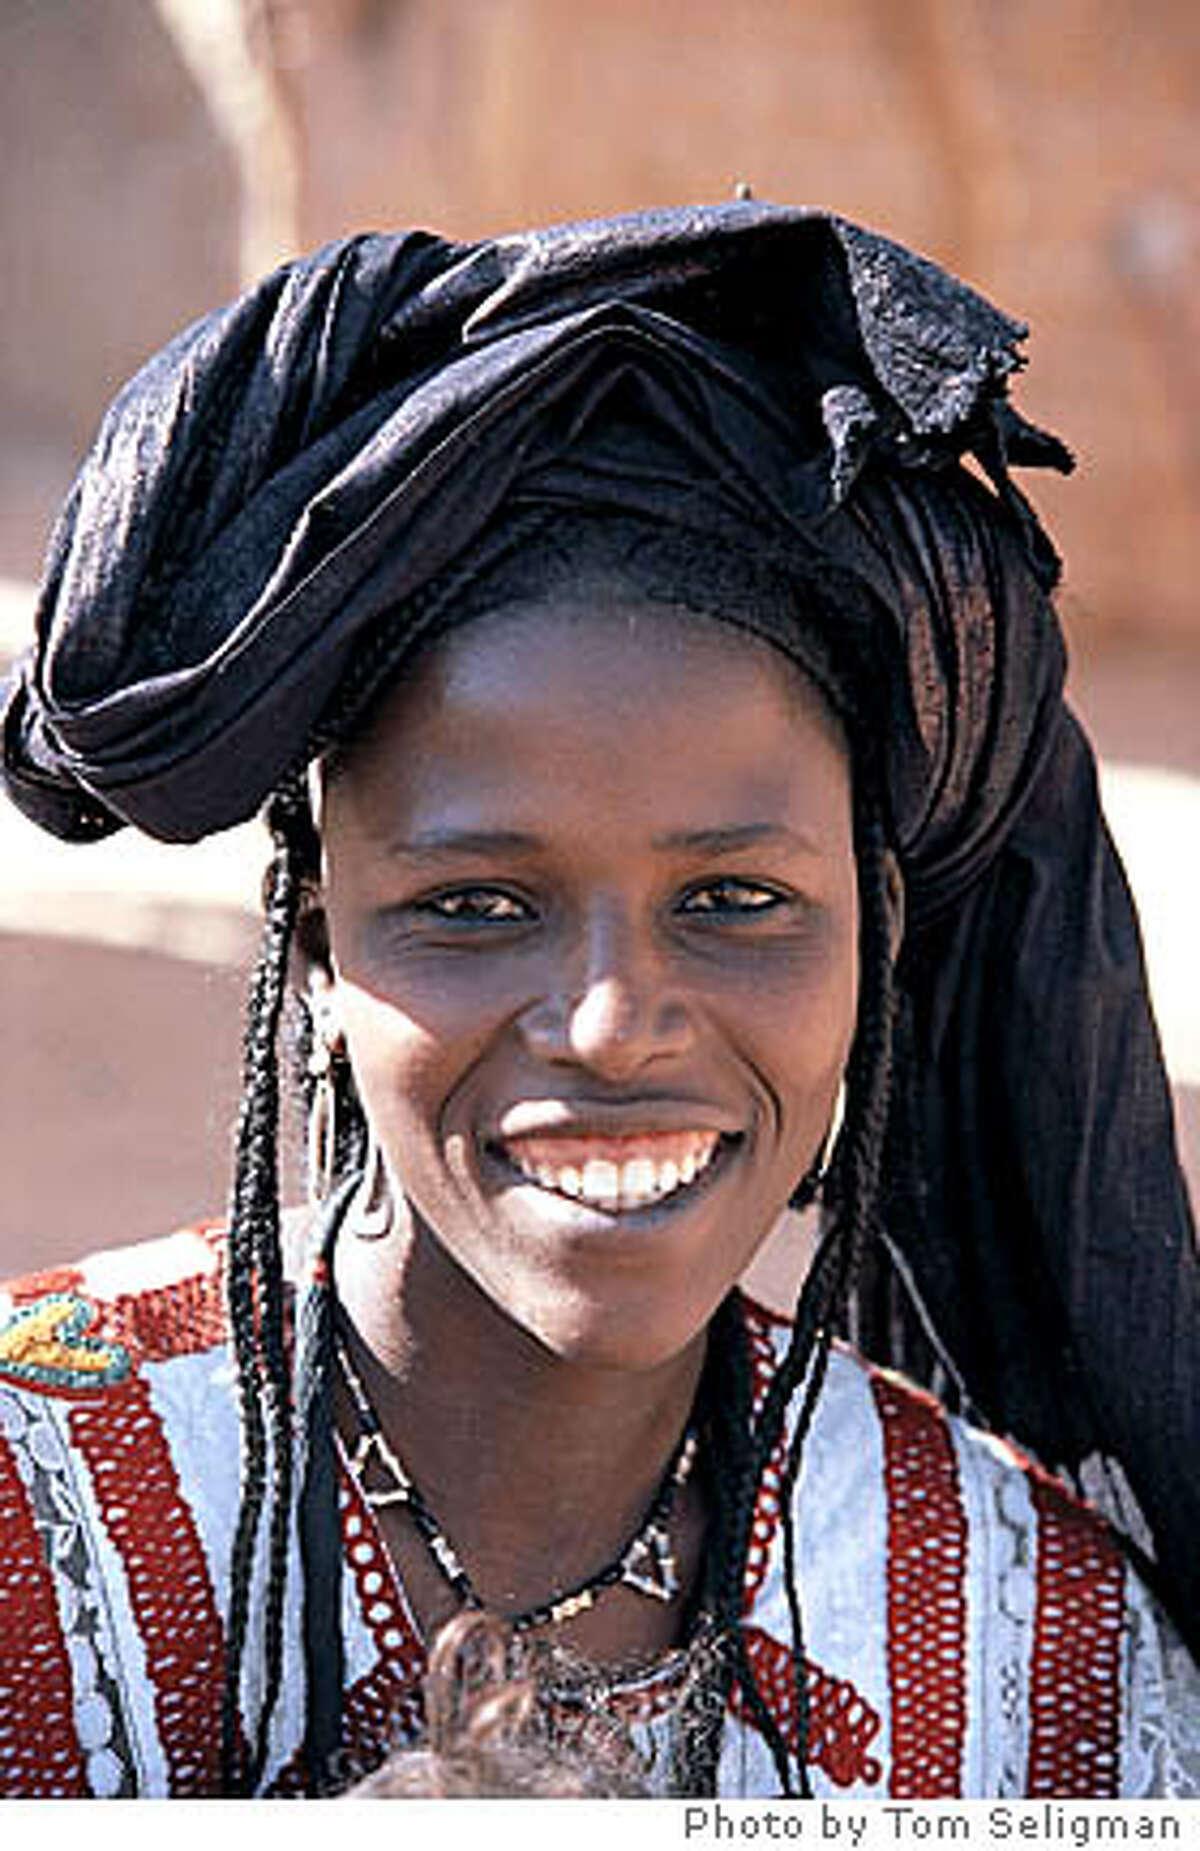 Chemo Saidi Photograph by Thomas K. Seligman Agadez, Niger, 1980